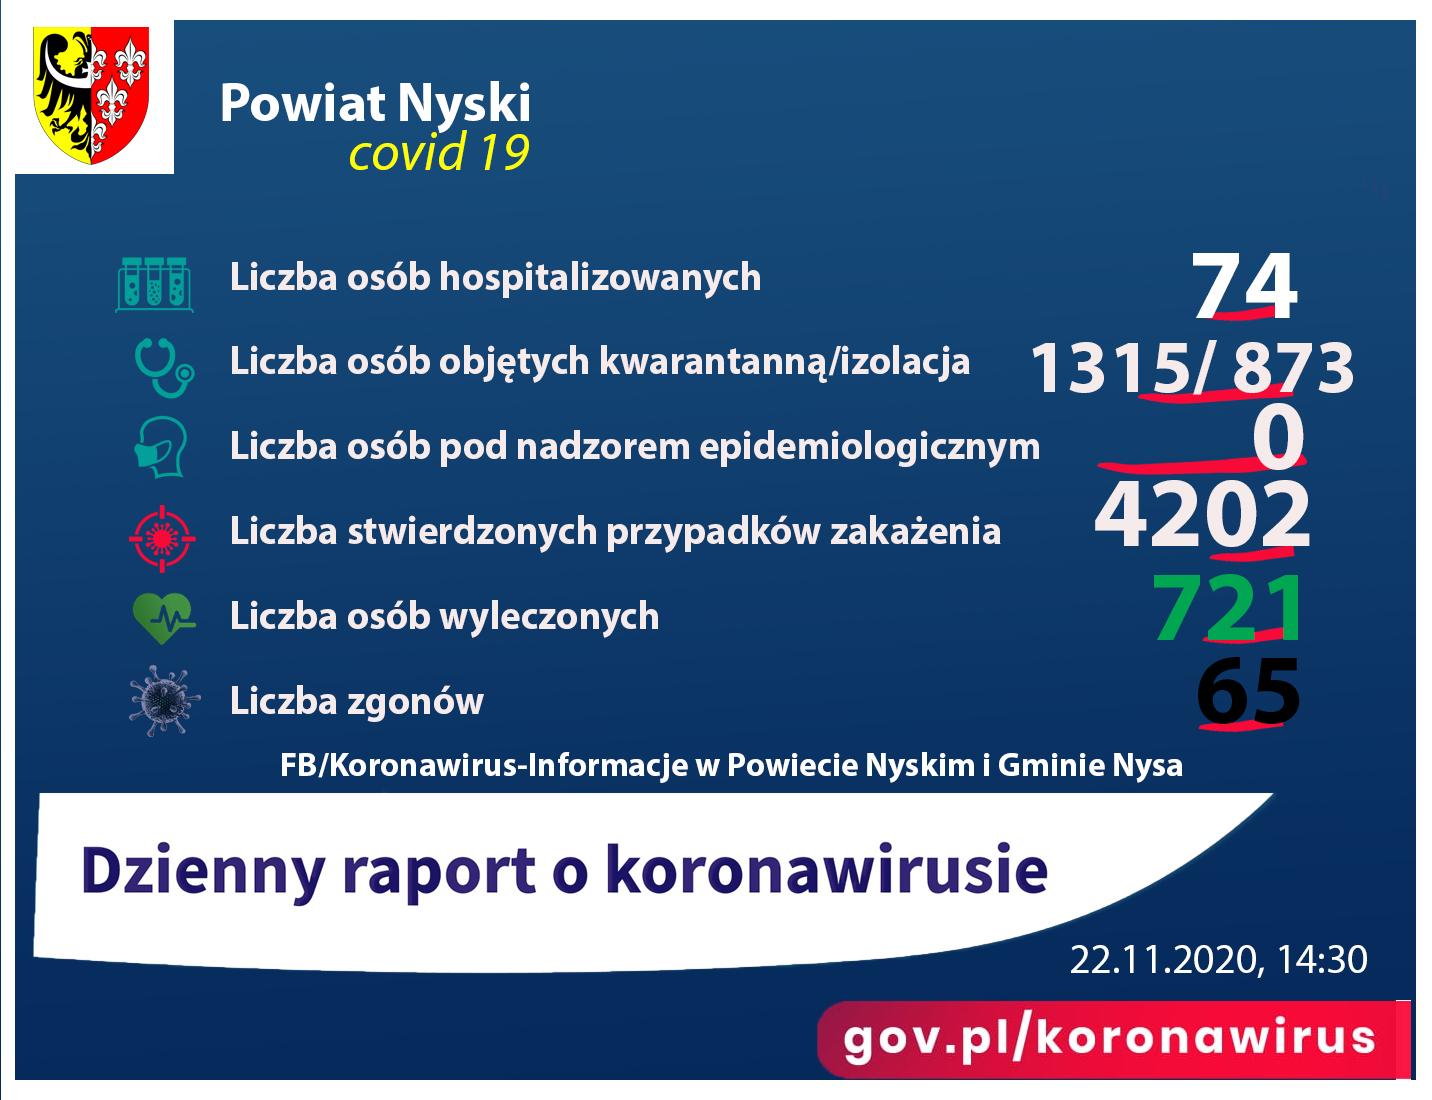 Liczba osób zakażonych 4202, hospitalizowanych - 74, ozdrowieńców - 721, zgonów 65